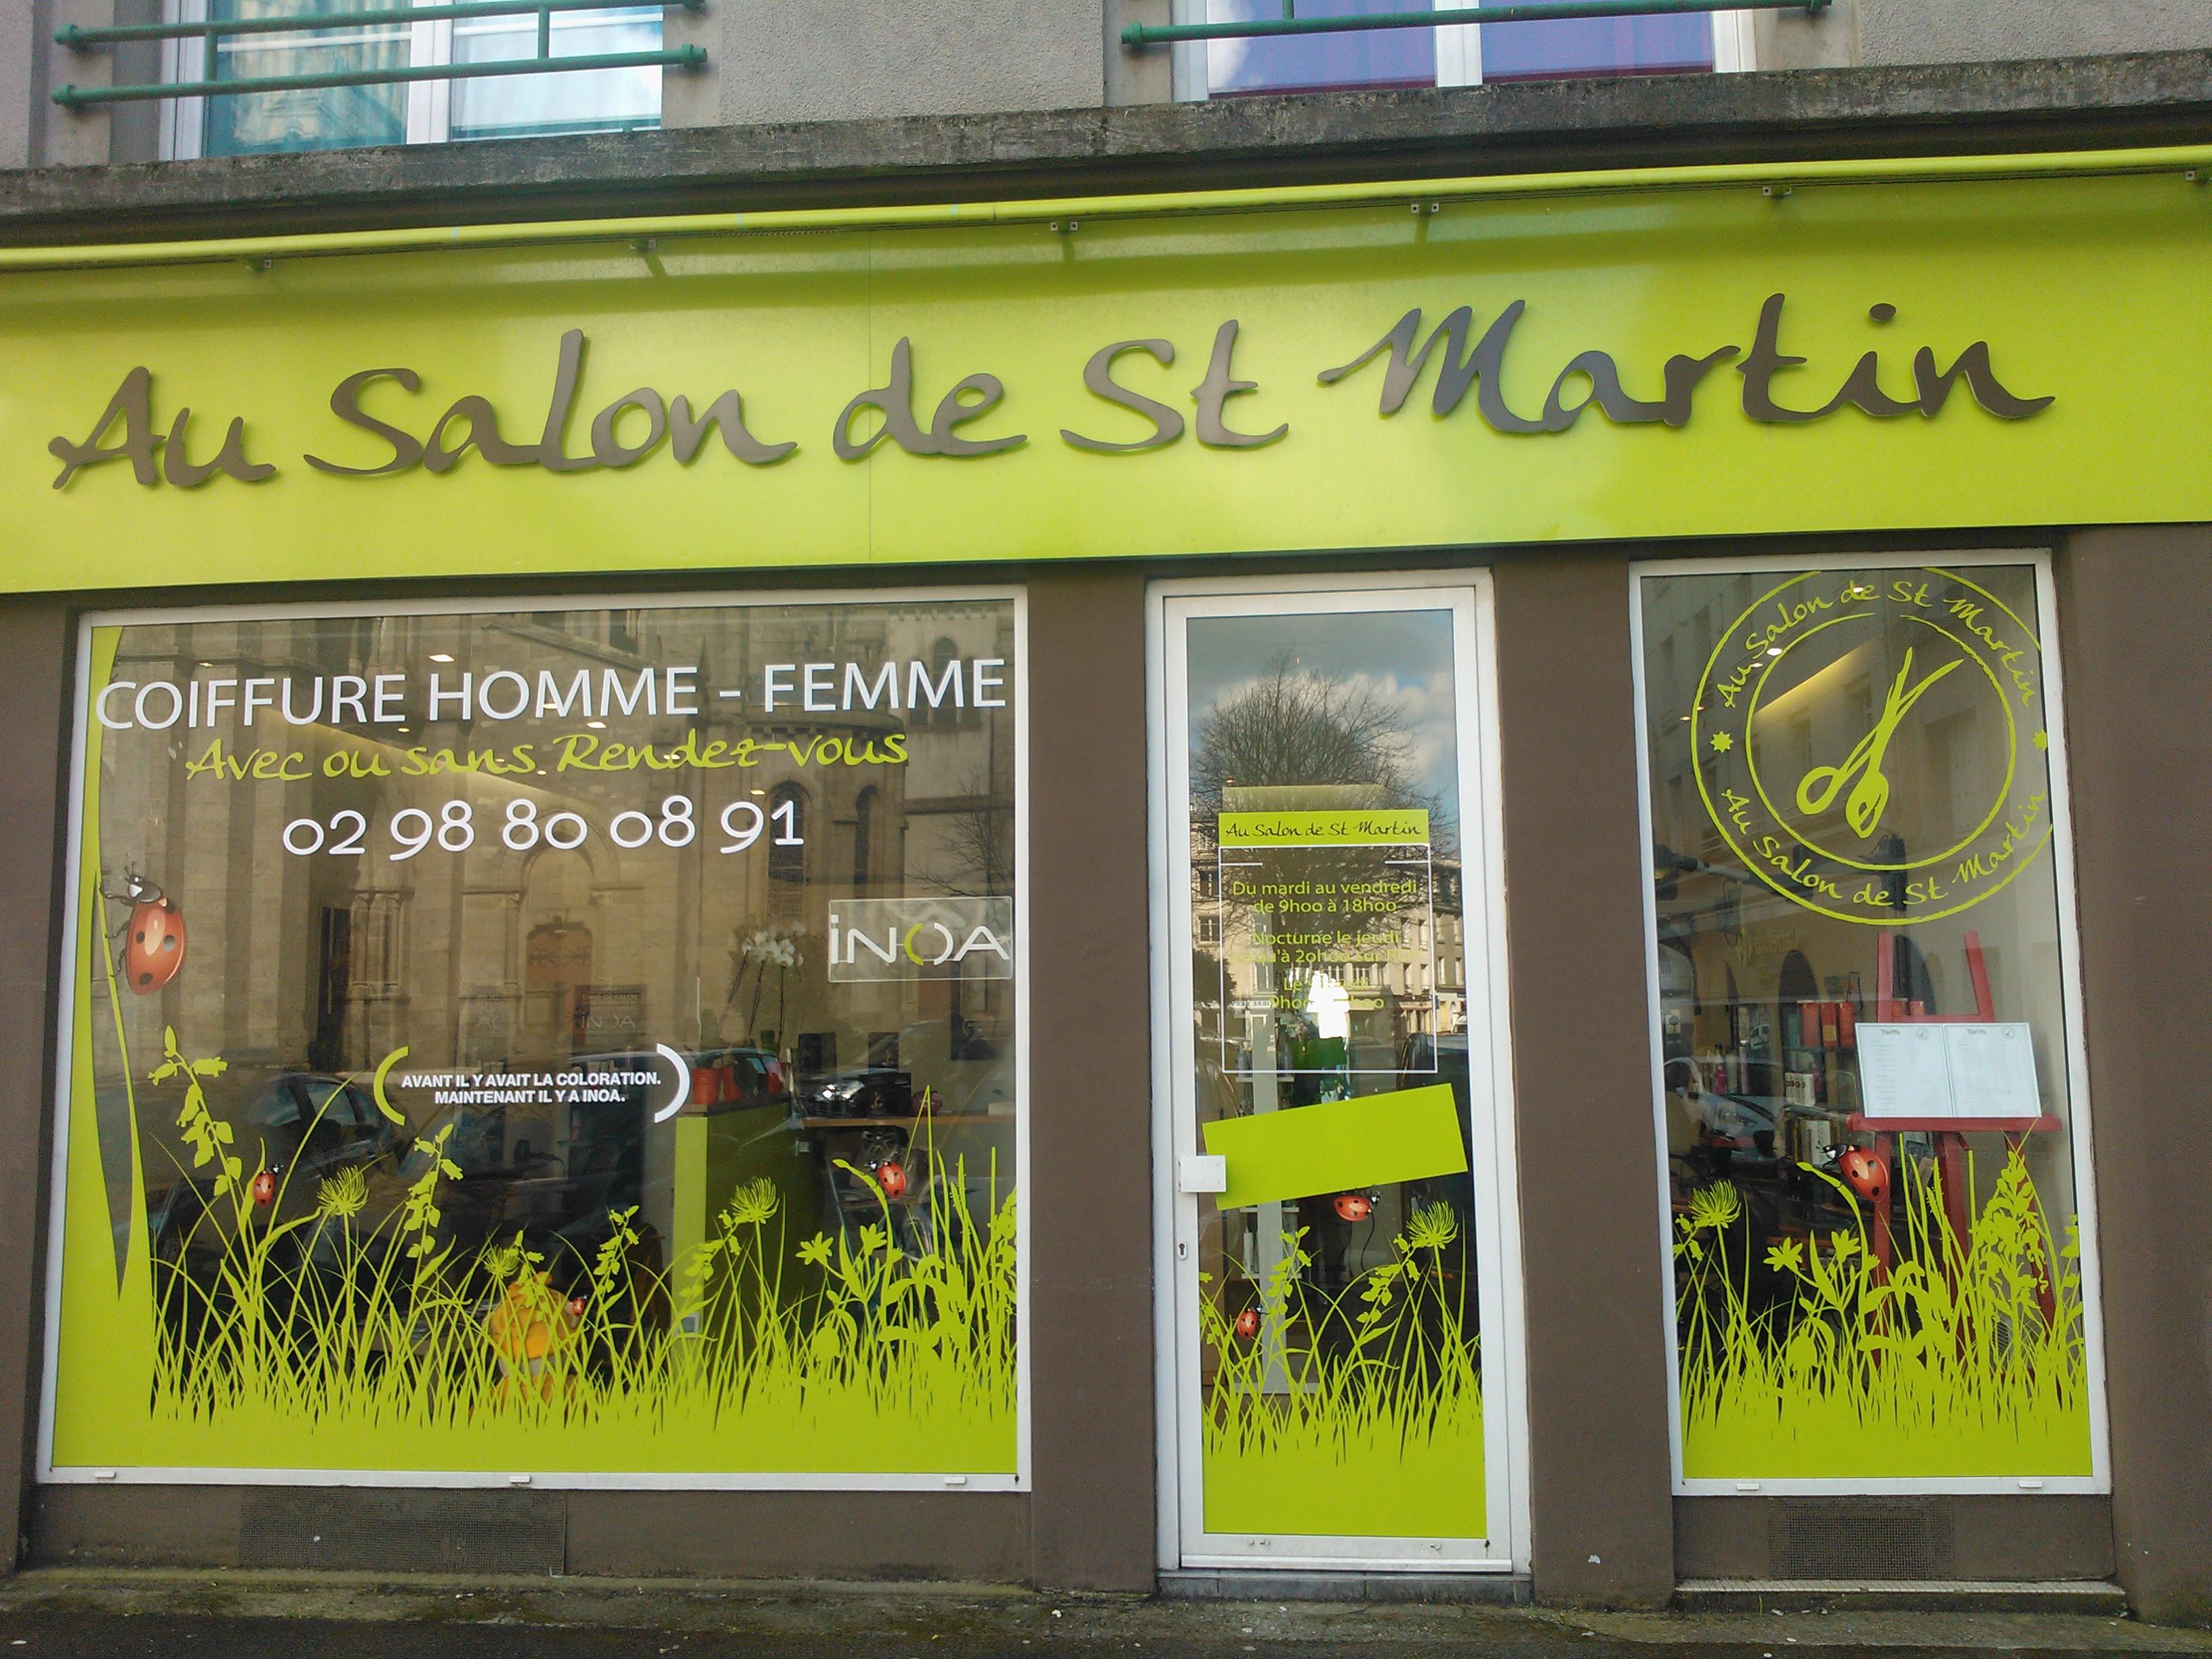 Au salon de St Martin Brest - Avis, Tarifs, Horaires, Téléphone